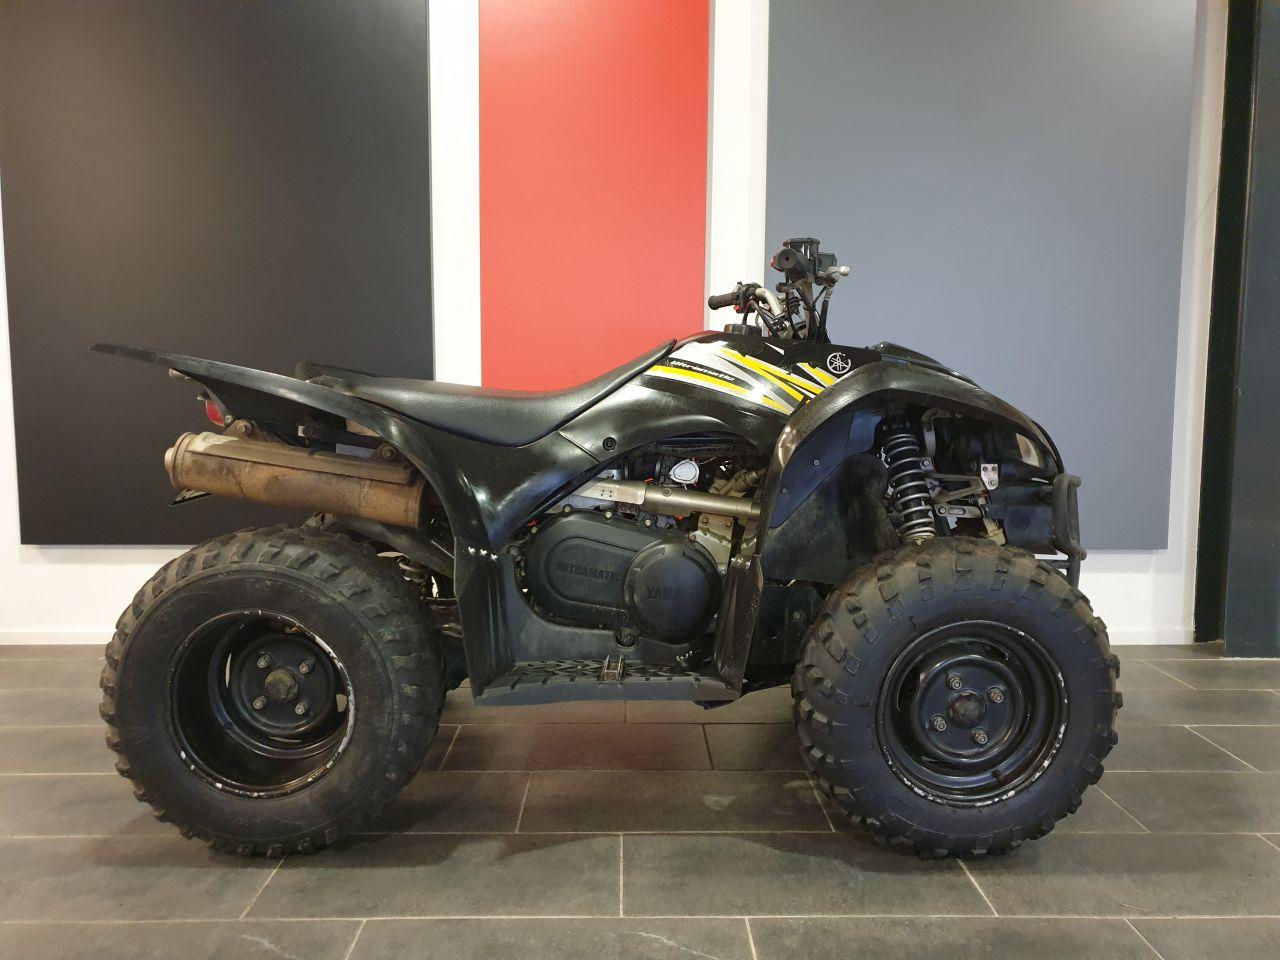 Yamaha Wolverine 450 4x4 met kenteken